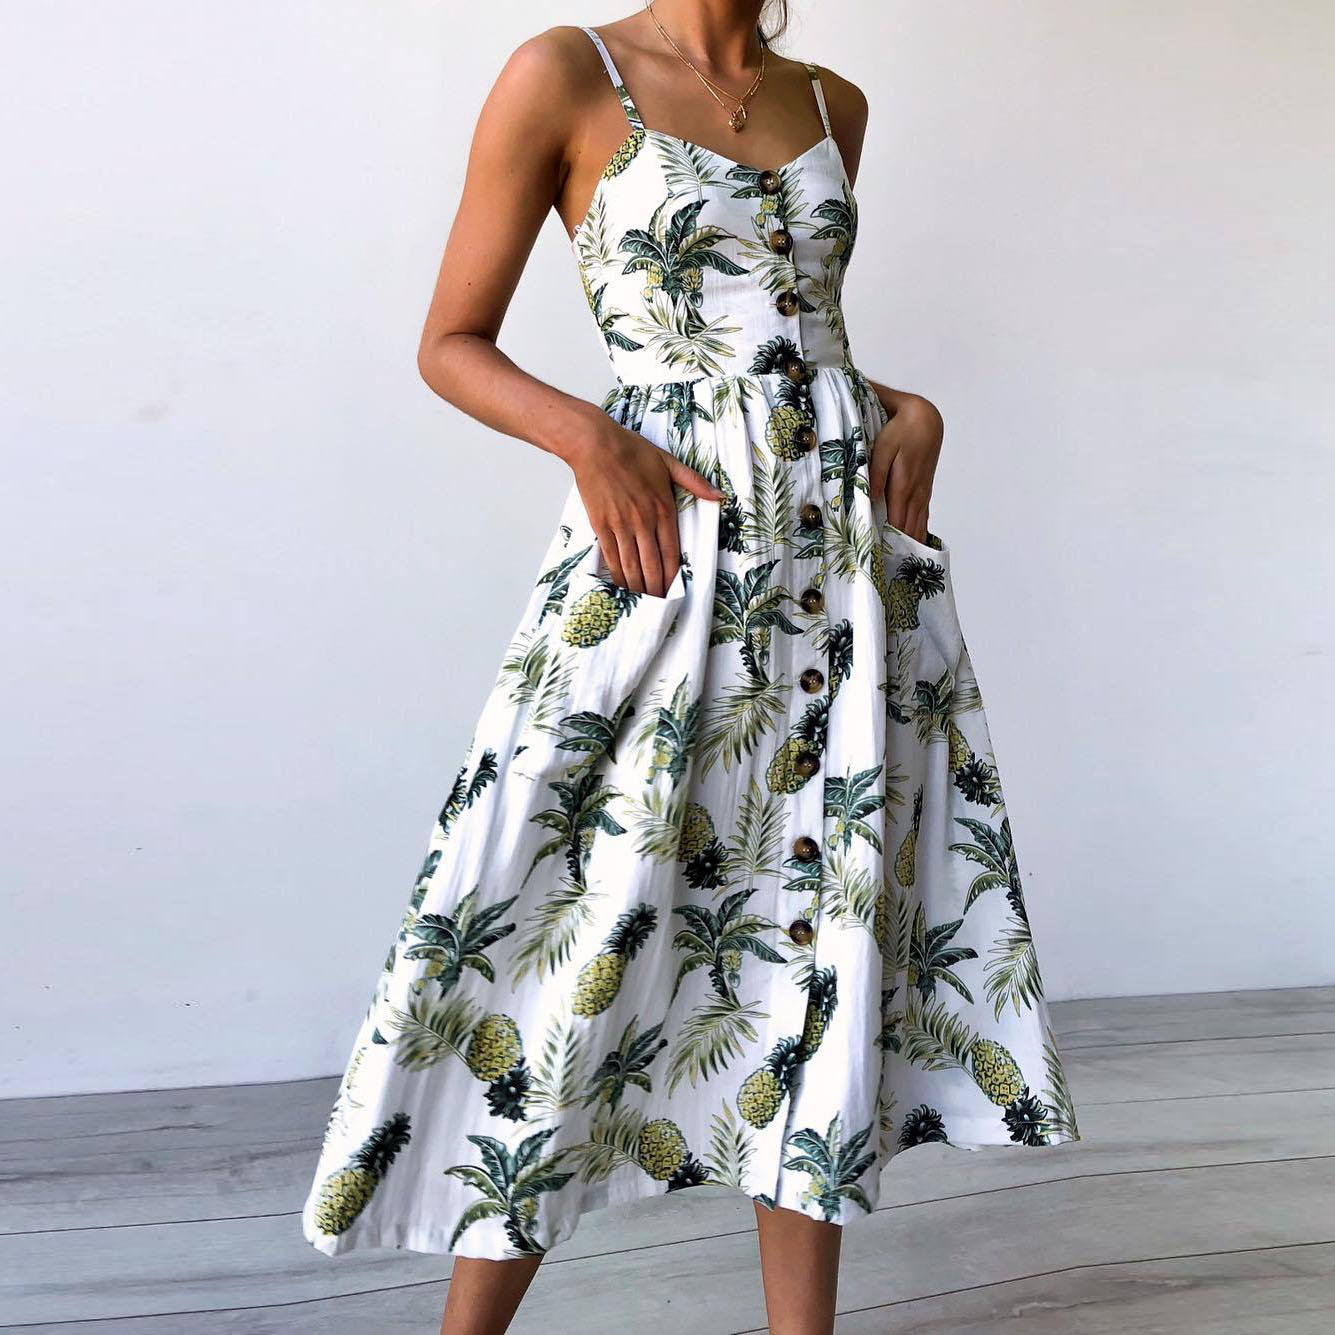 Vestido de verano con estampado Floral bohemio para mujer con cuello en V y bolsillos sin mangas vestidos Midi plisados de girasol para mujer con botones y espalda descubierta